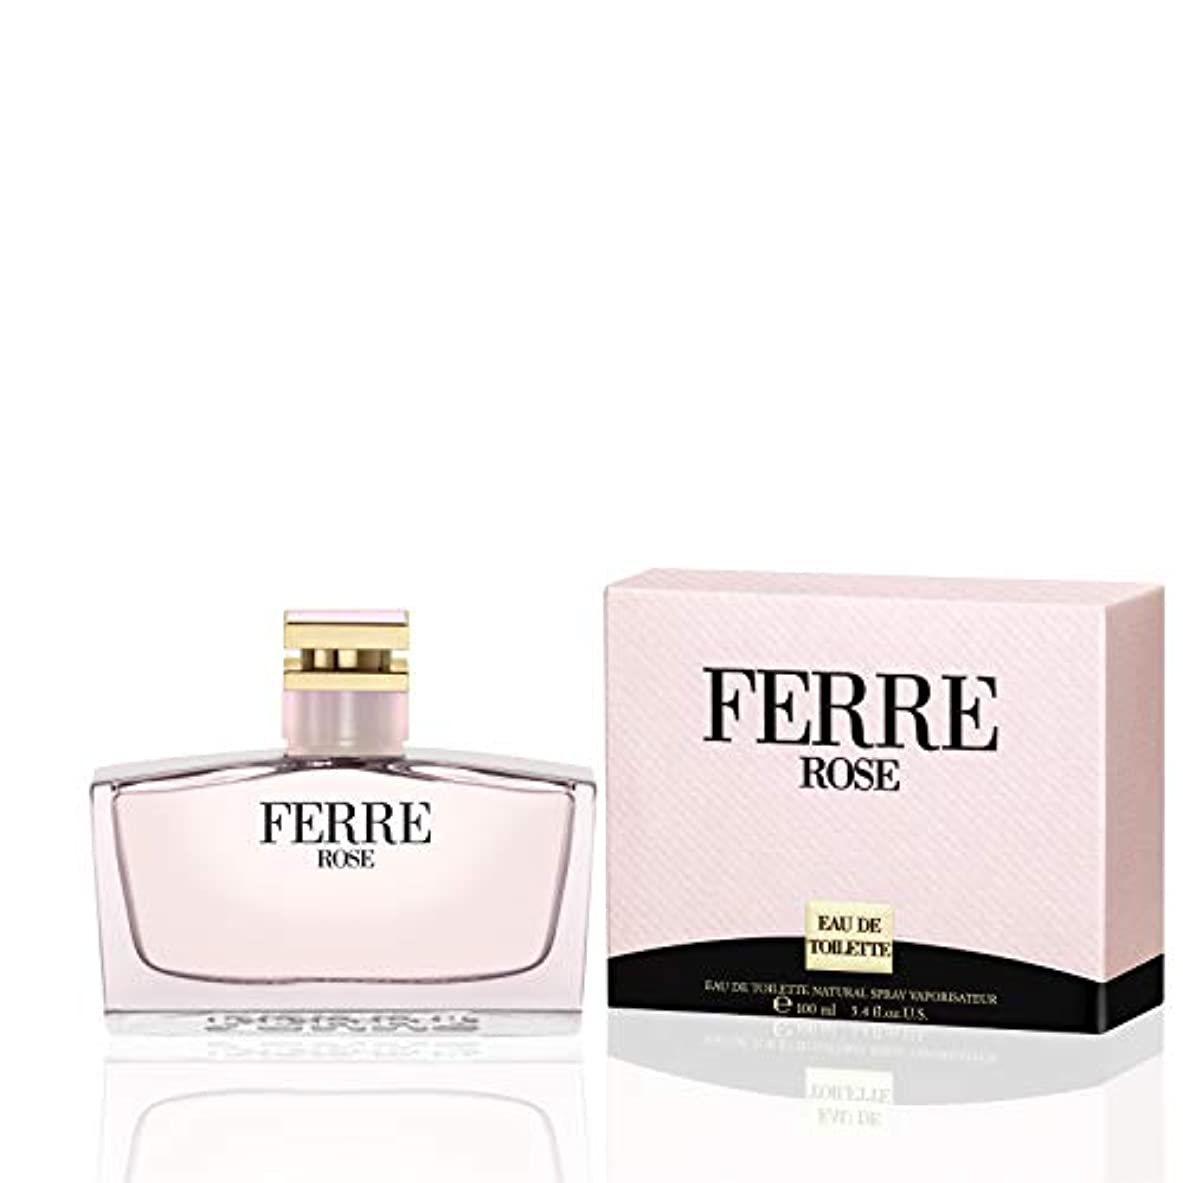 Gianfranco Ferre Ferr?? Rose 100ml